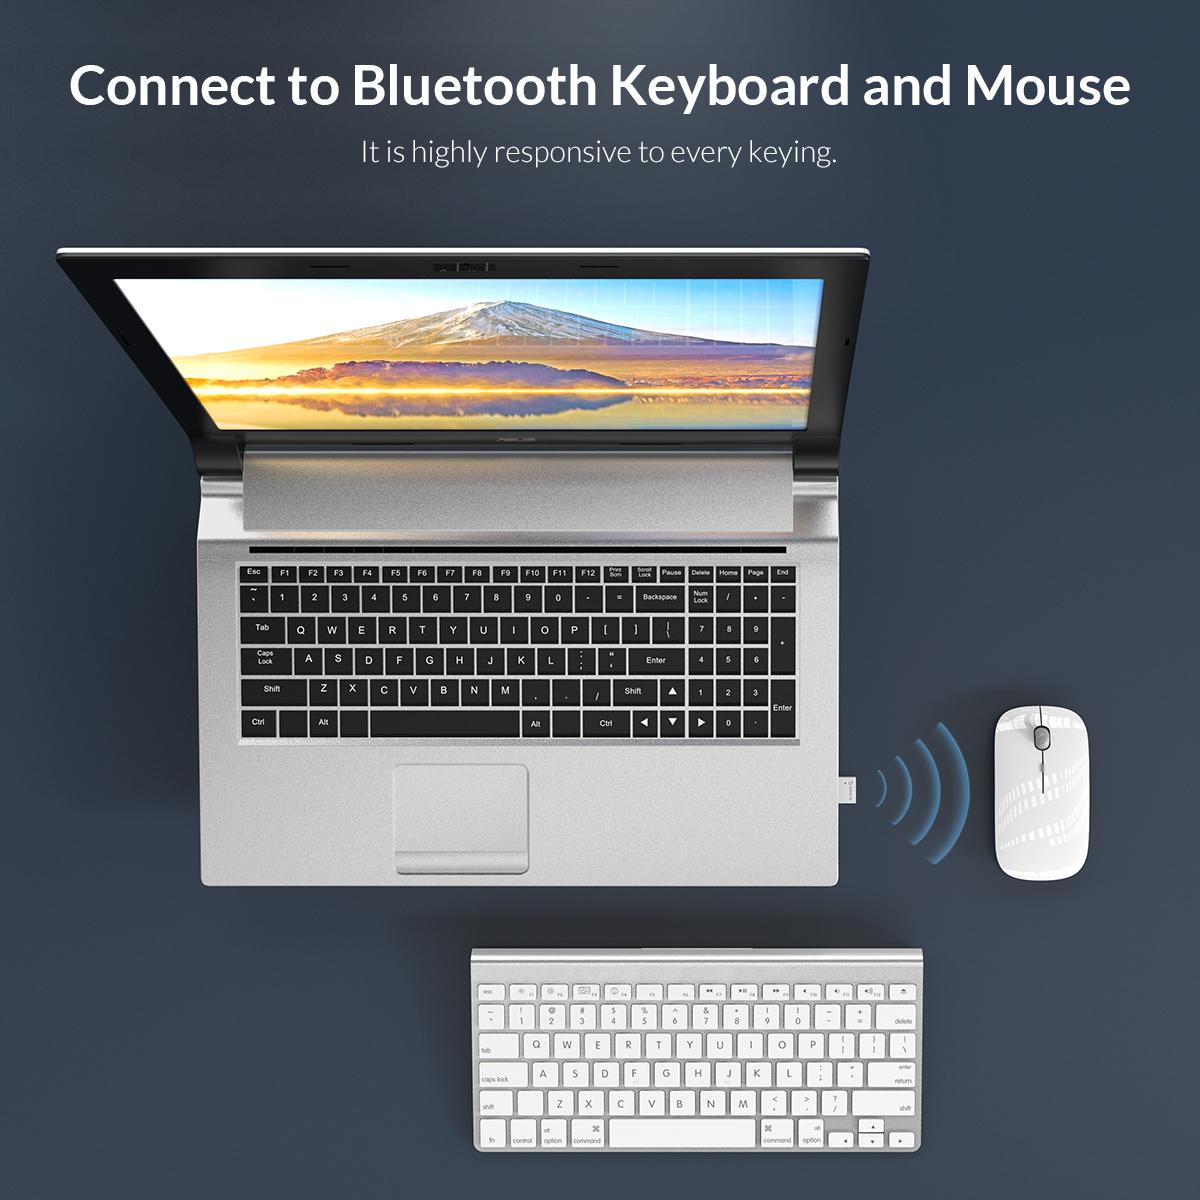 USB Bluetooth 5.0 tốc độ 5Mbps Orico BTA-508 – Hàng Phân Phối Chính Hãng